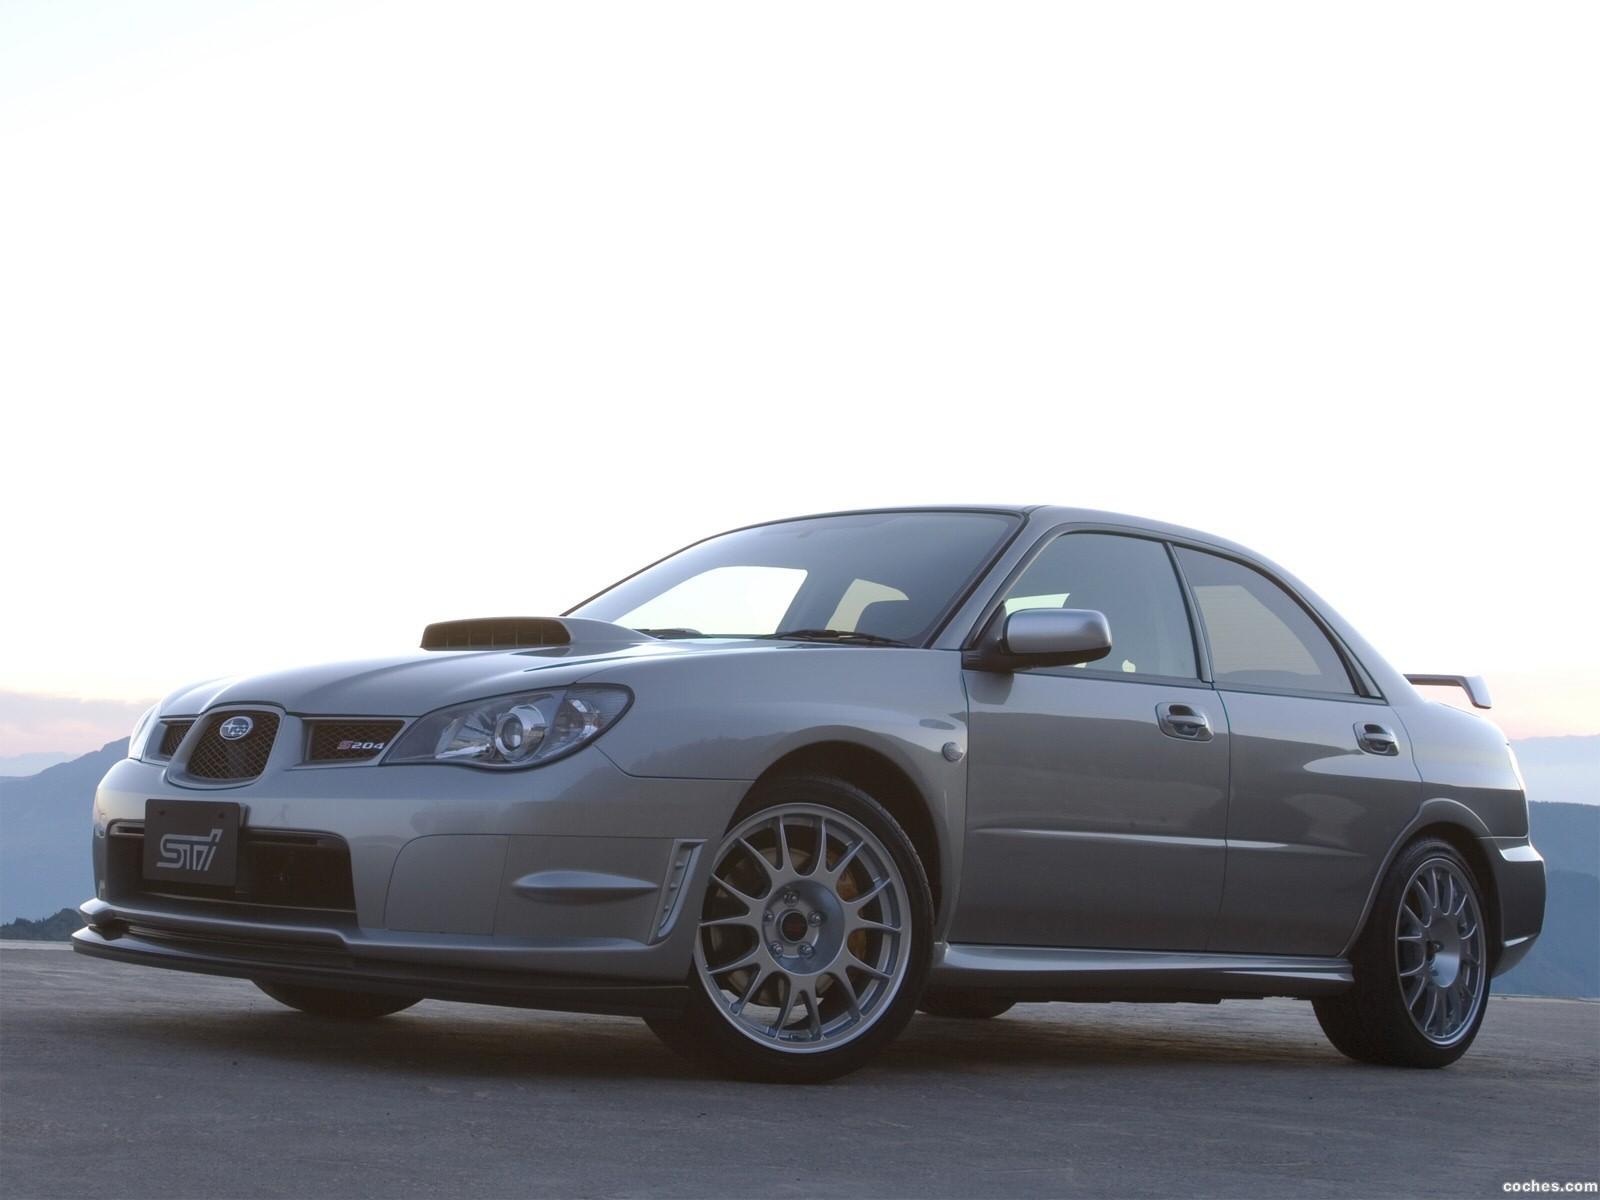 Foto 5 de Subaru Impreza STi S204 2006